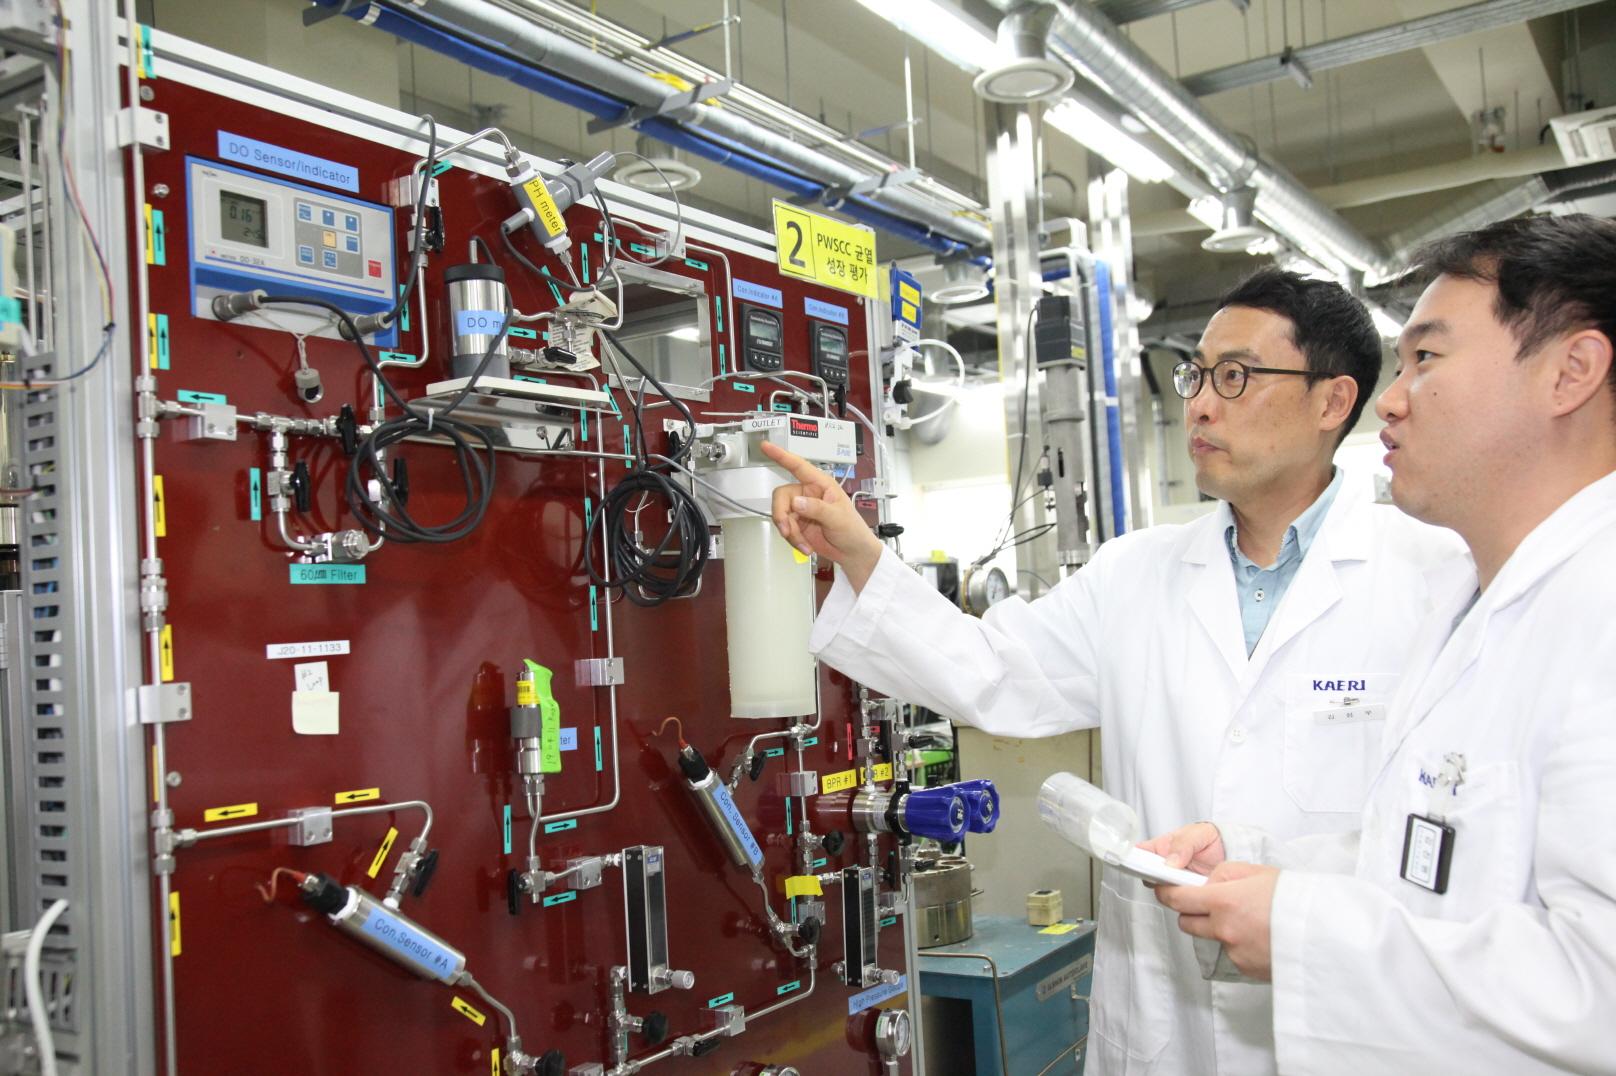 인코넬690의 부식균열을 예측하는 기술을 세계 최초로 개발